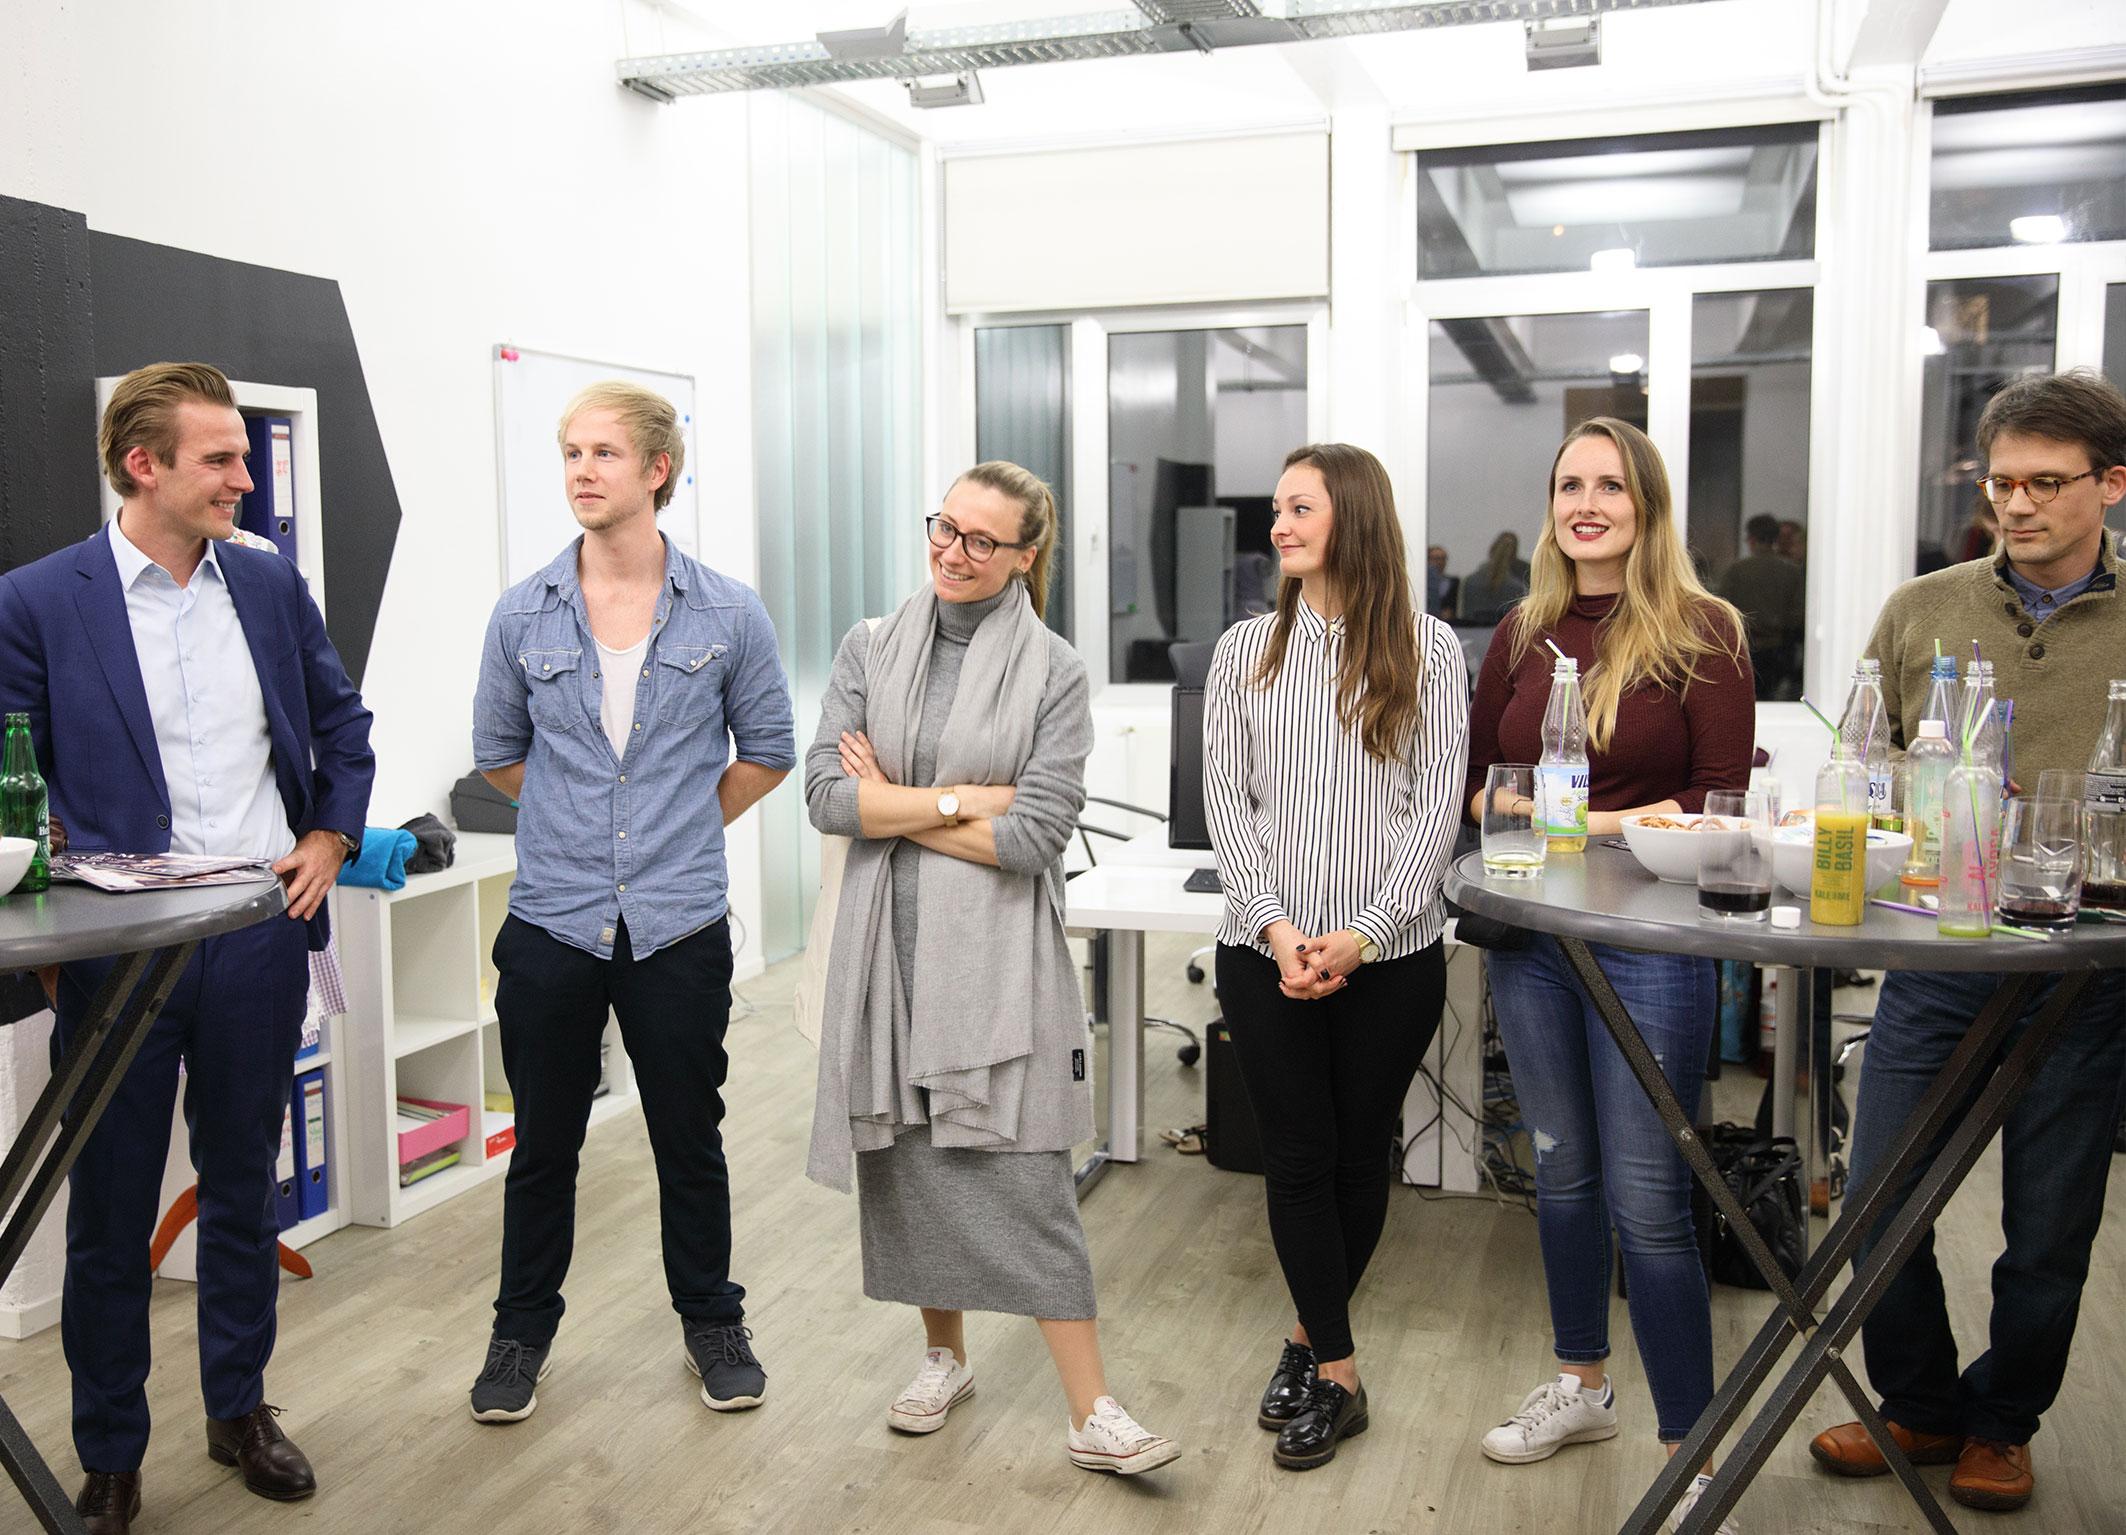 hamburg-startups-kaleme-towell-sugarshape-hoehle-der-loewen-limberry